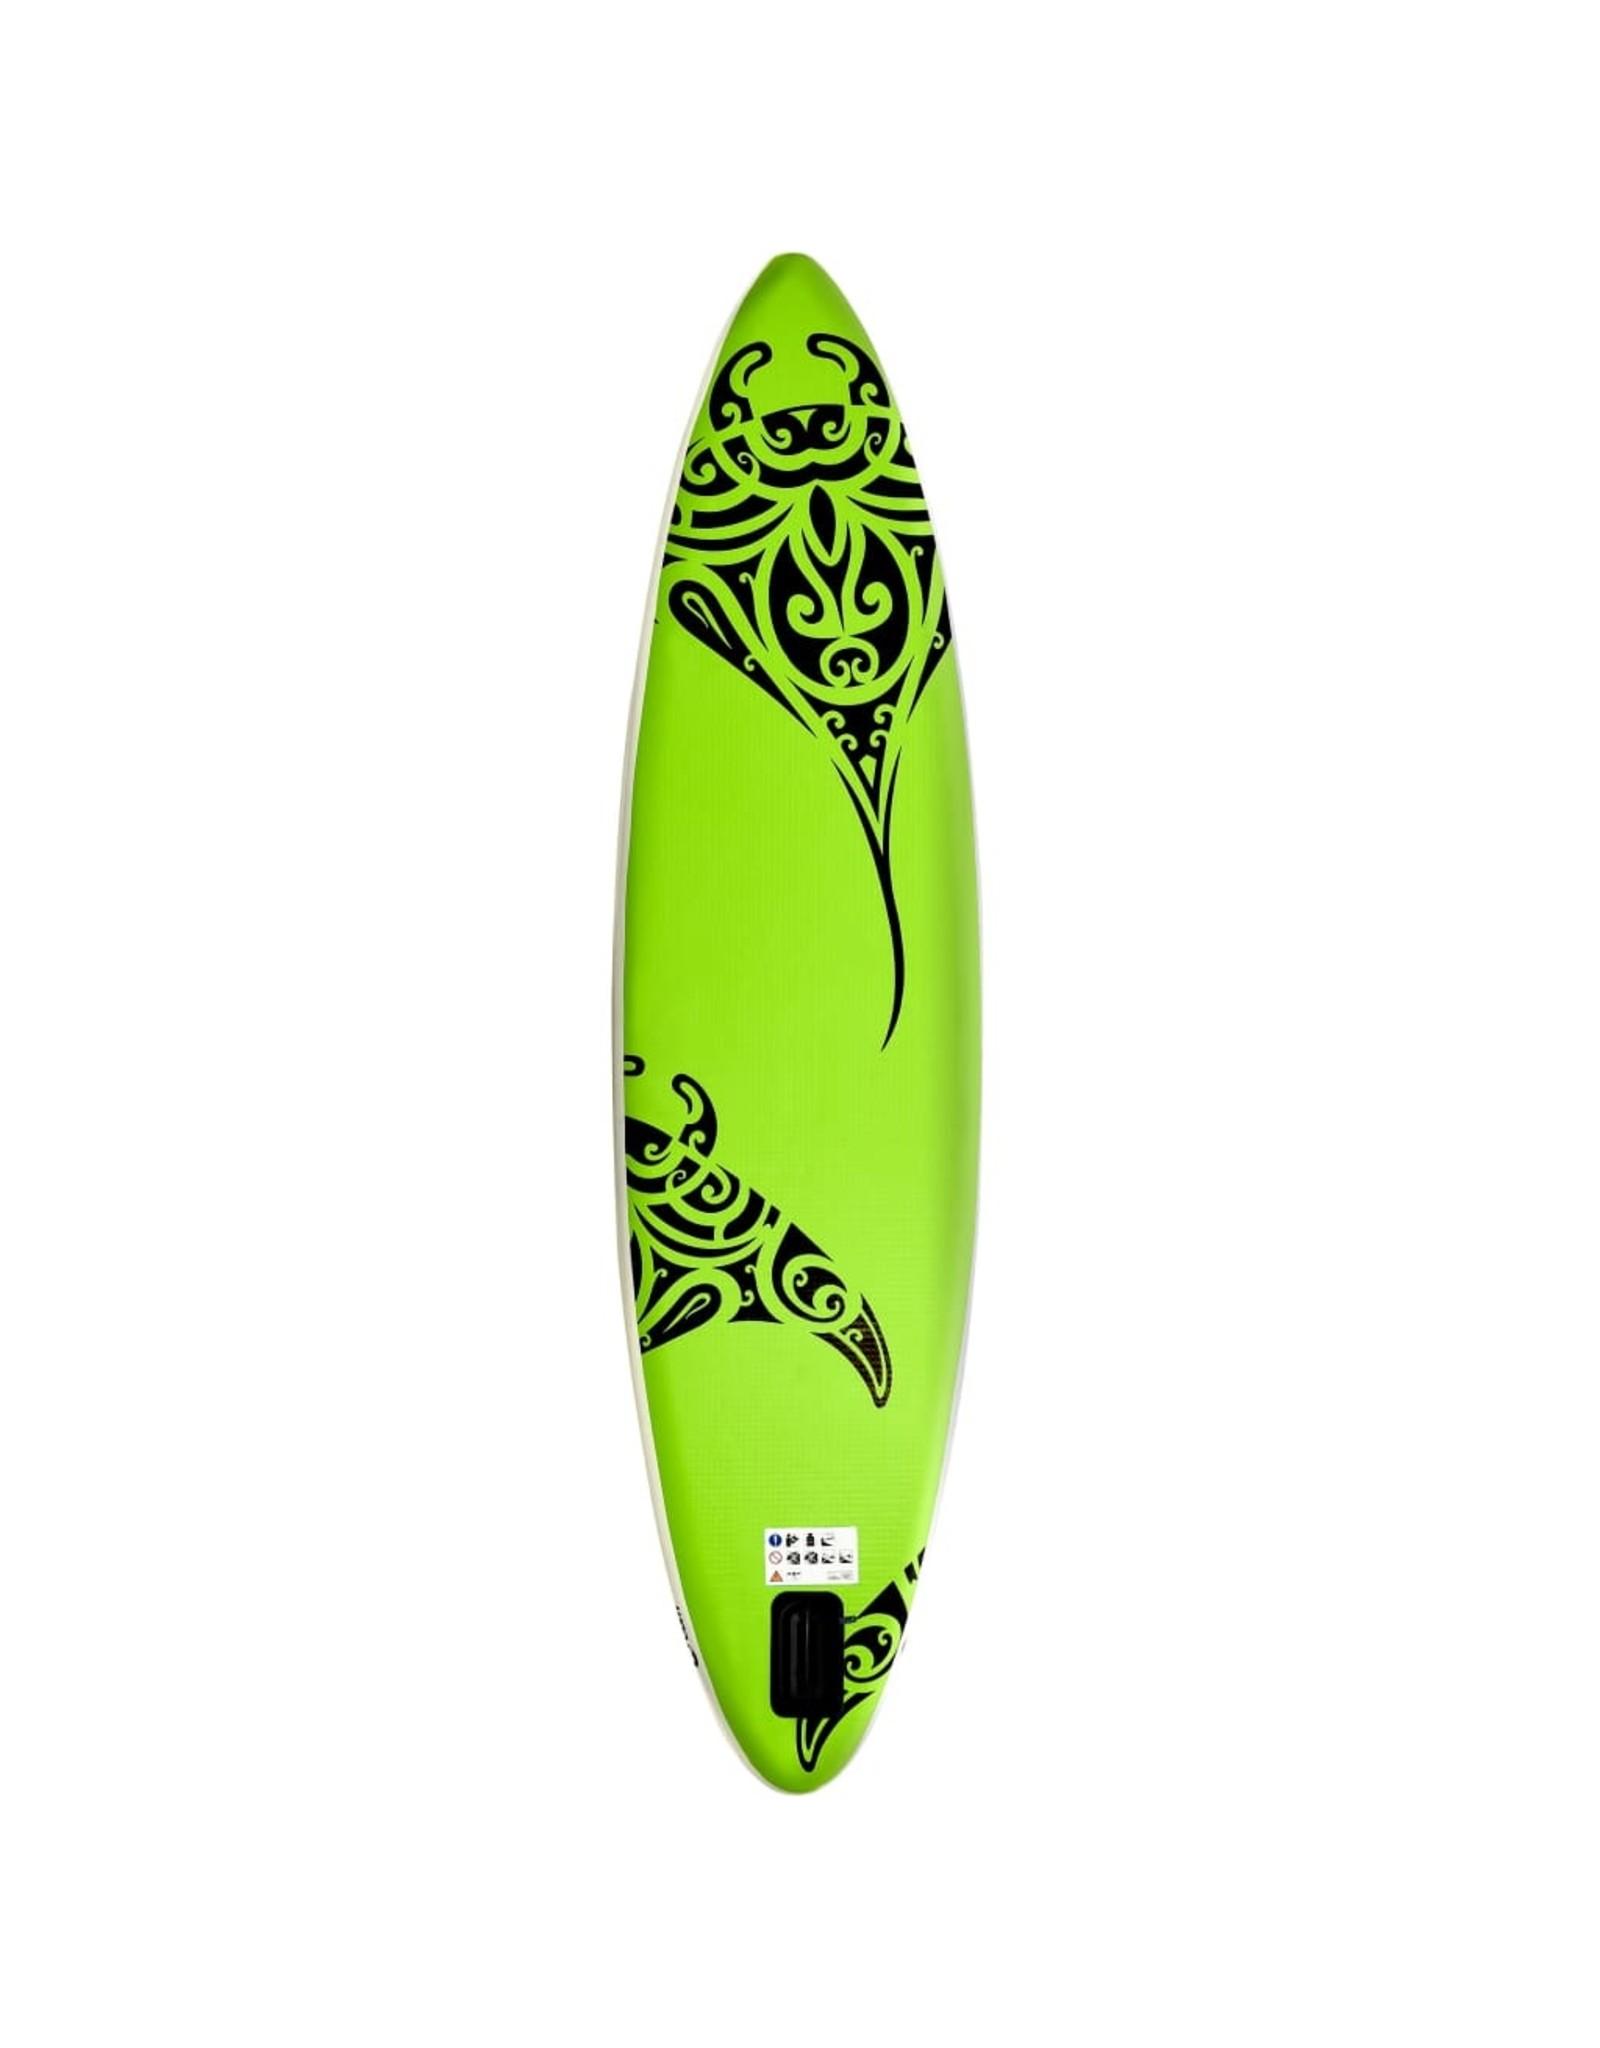 Stand Up Paddleboardset opblaasbaar 320x76x15 cm groen